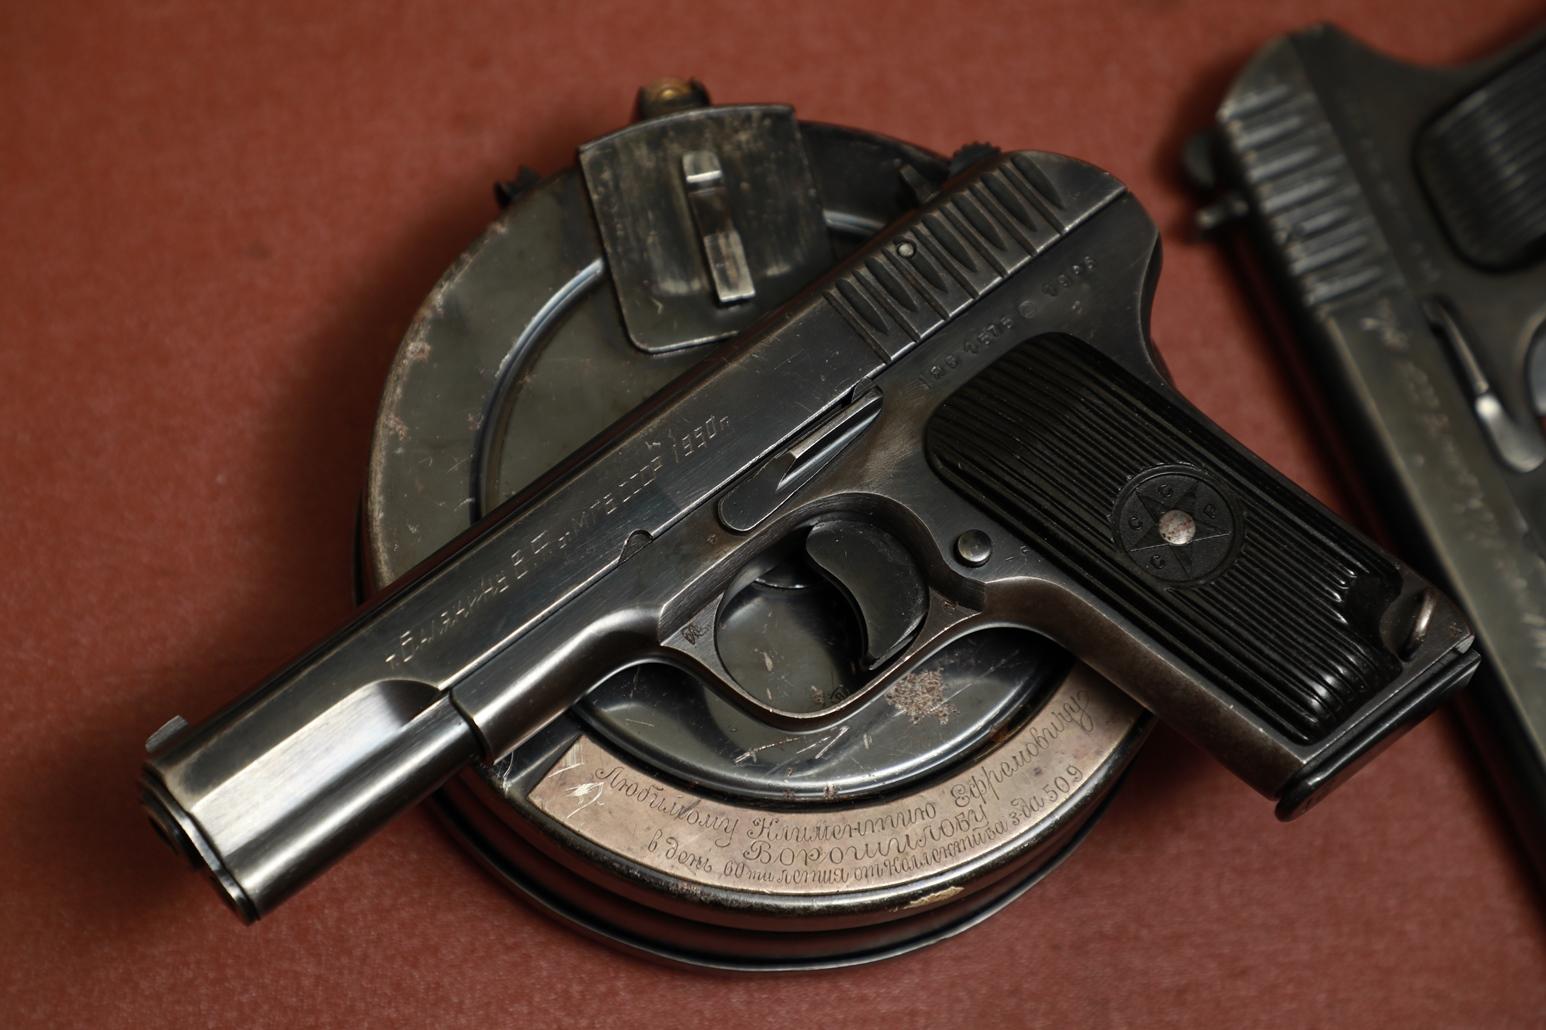 Фото Наградной пистолет ТТ 1946 года №ЯБ1575, принадлежал Балякину Василию Филипповичу